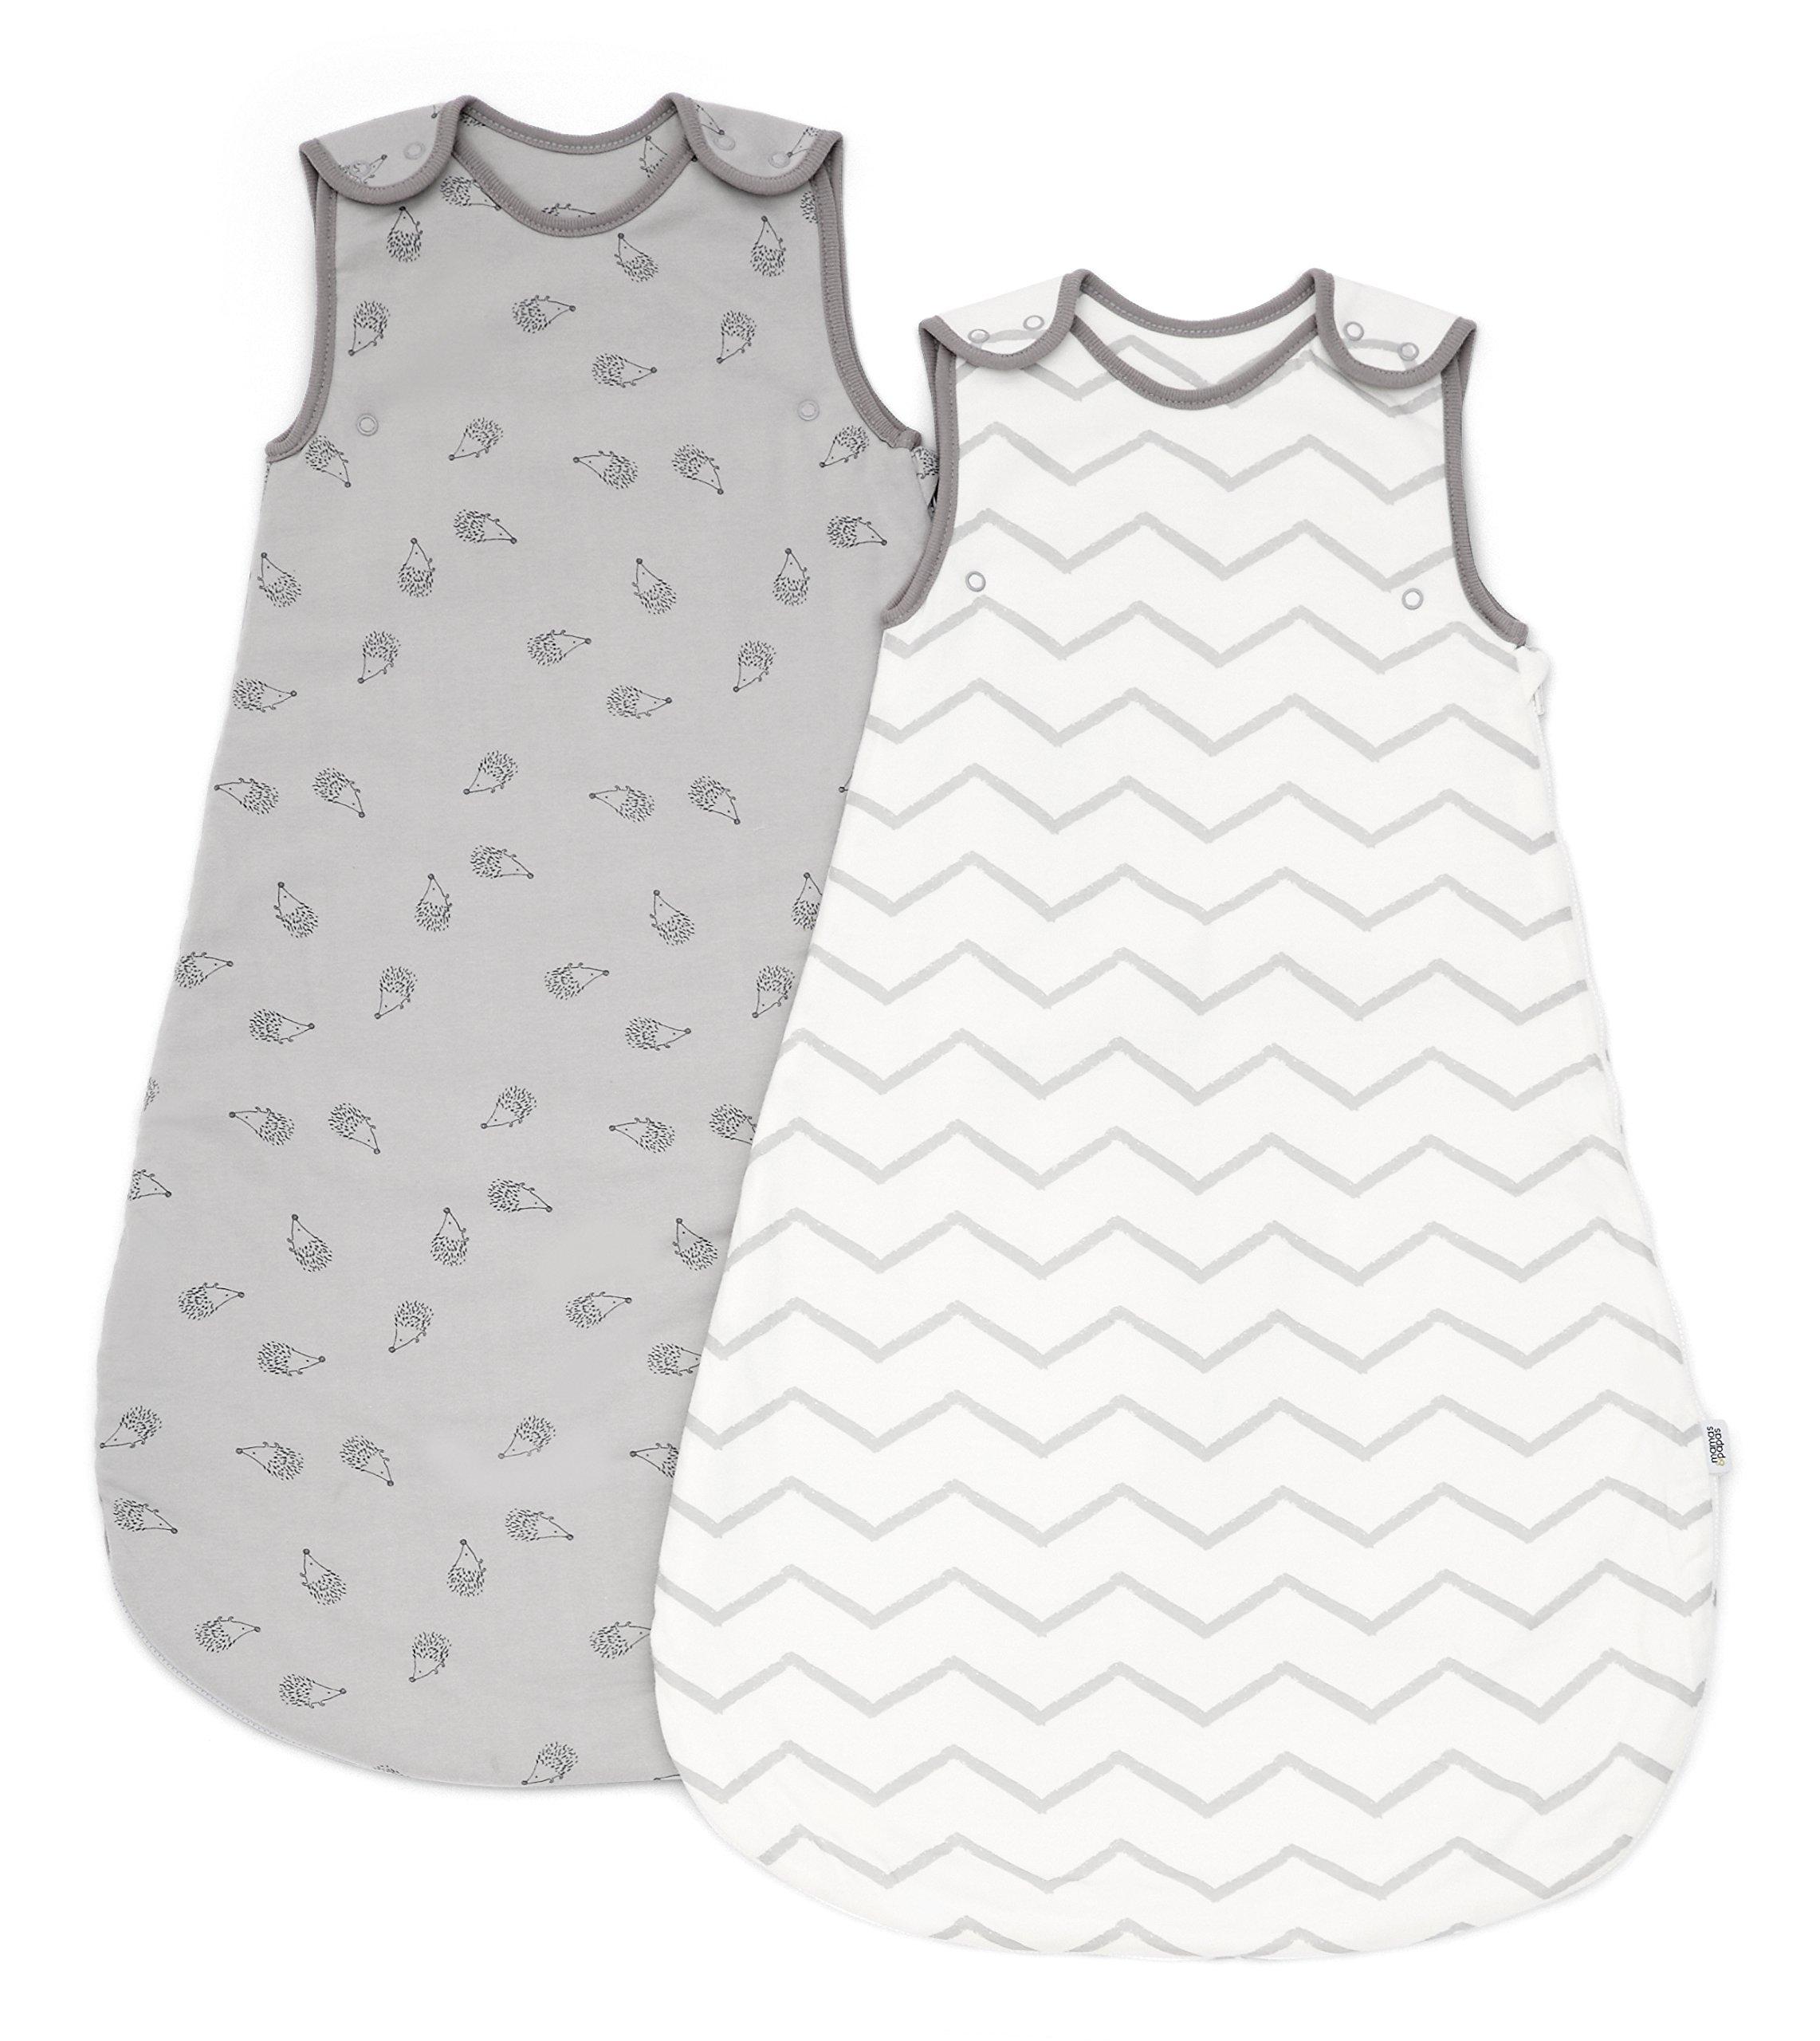 81rbJGM9gxL - Saquito de dormir para bebé de Mamas & Papas (de 0a 6meses, 2,5tog, color gris, lote de 2)